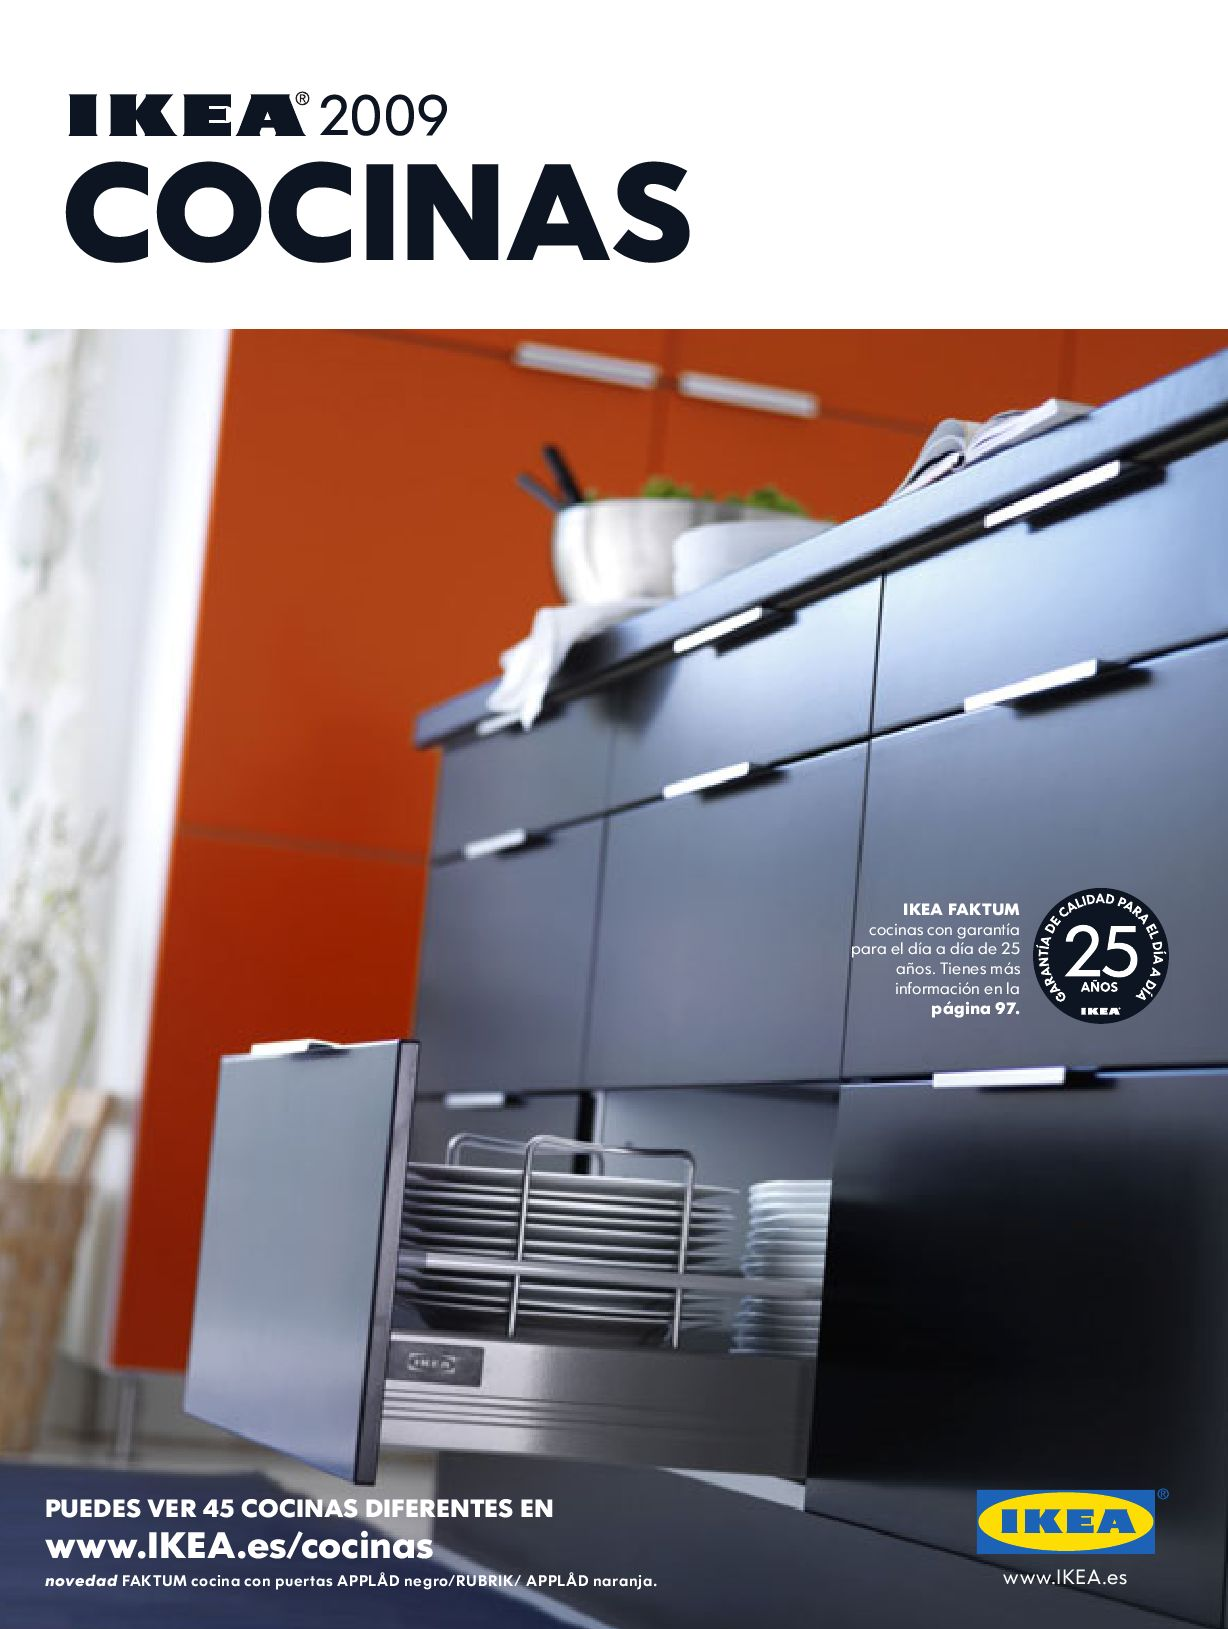 Ikea cocinas 2013 by supercatalogos.es   issuu